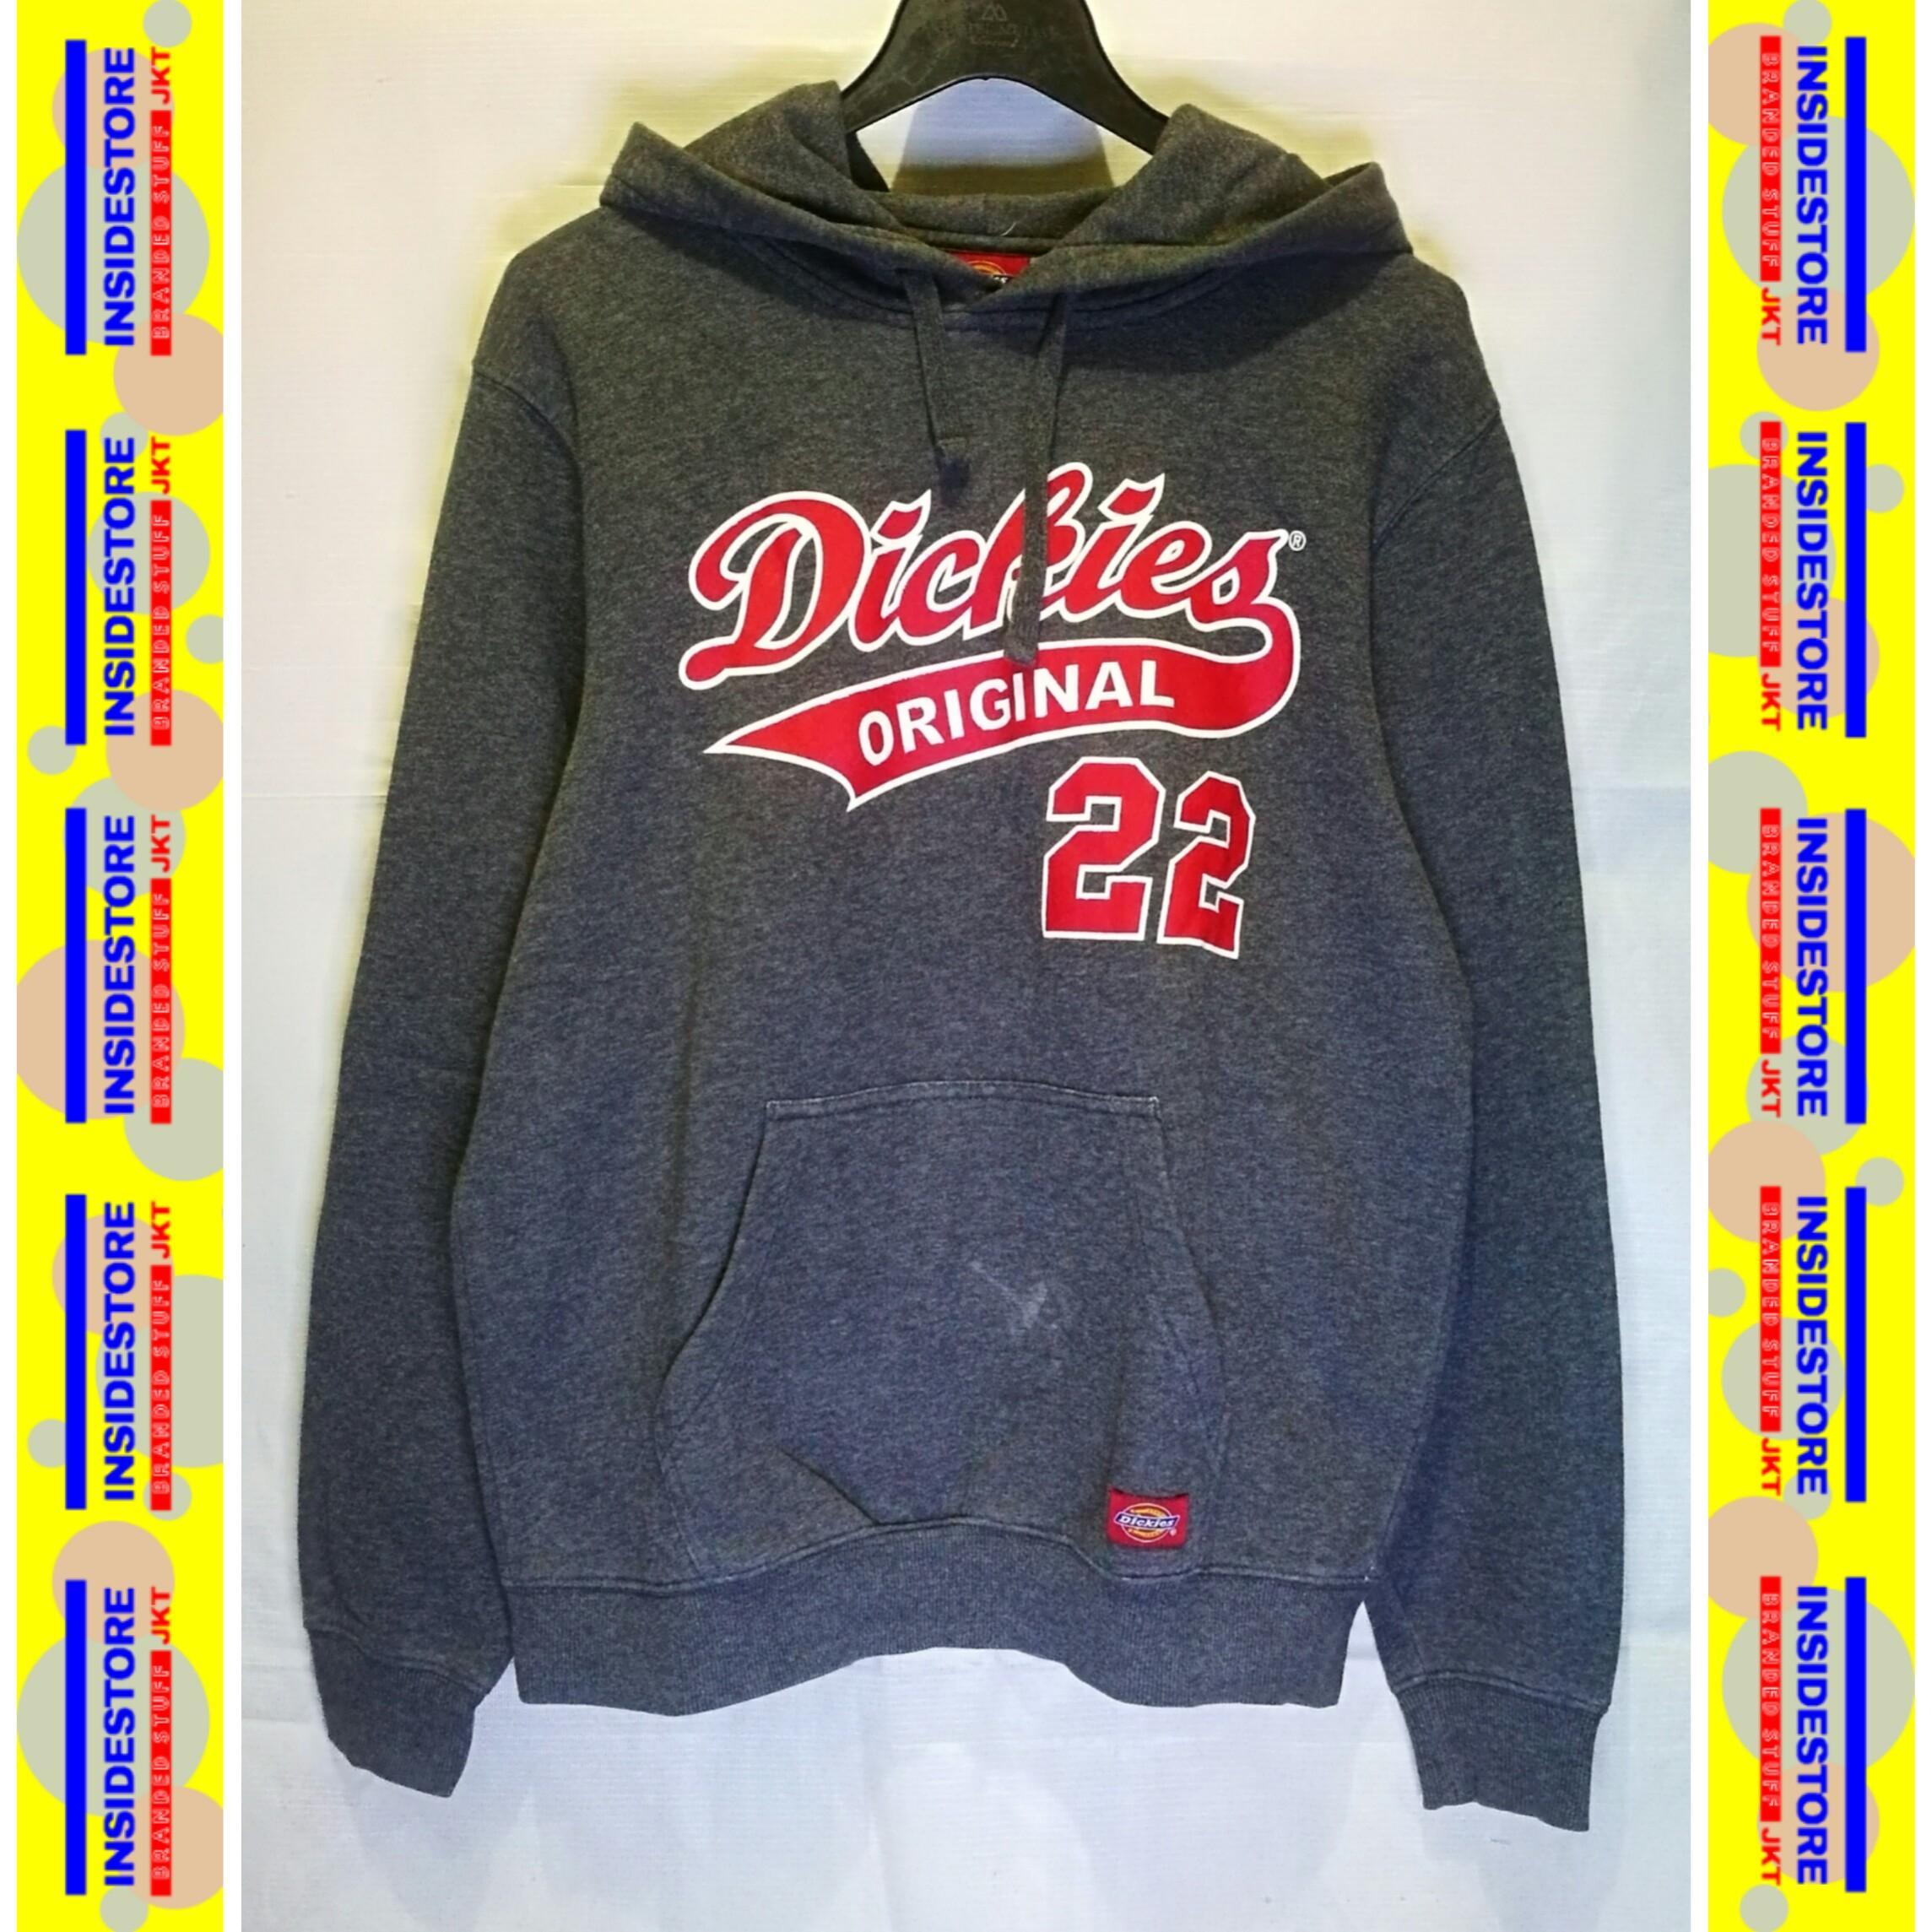 DICKIES Original 22 Grey - Hoodie/Jaket/Sweater Kasual Pria/Wanita (Unisex)